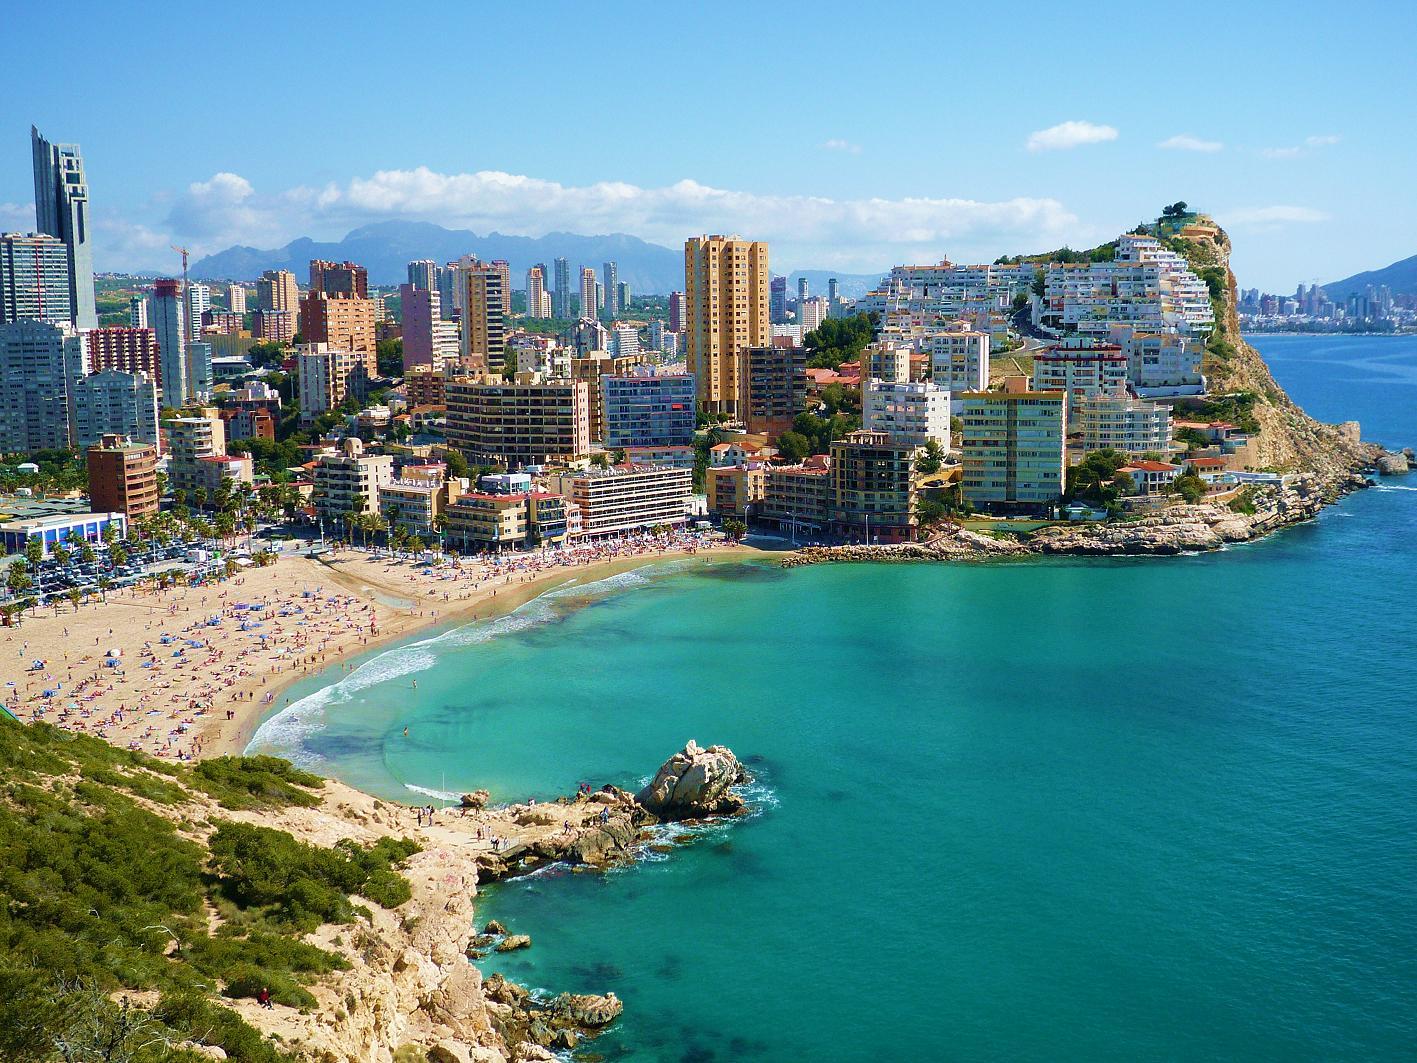 Potovanje po Španiji z nepozabnimi doživetji ostane v spominu za vedno